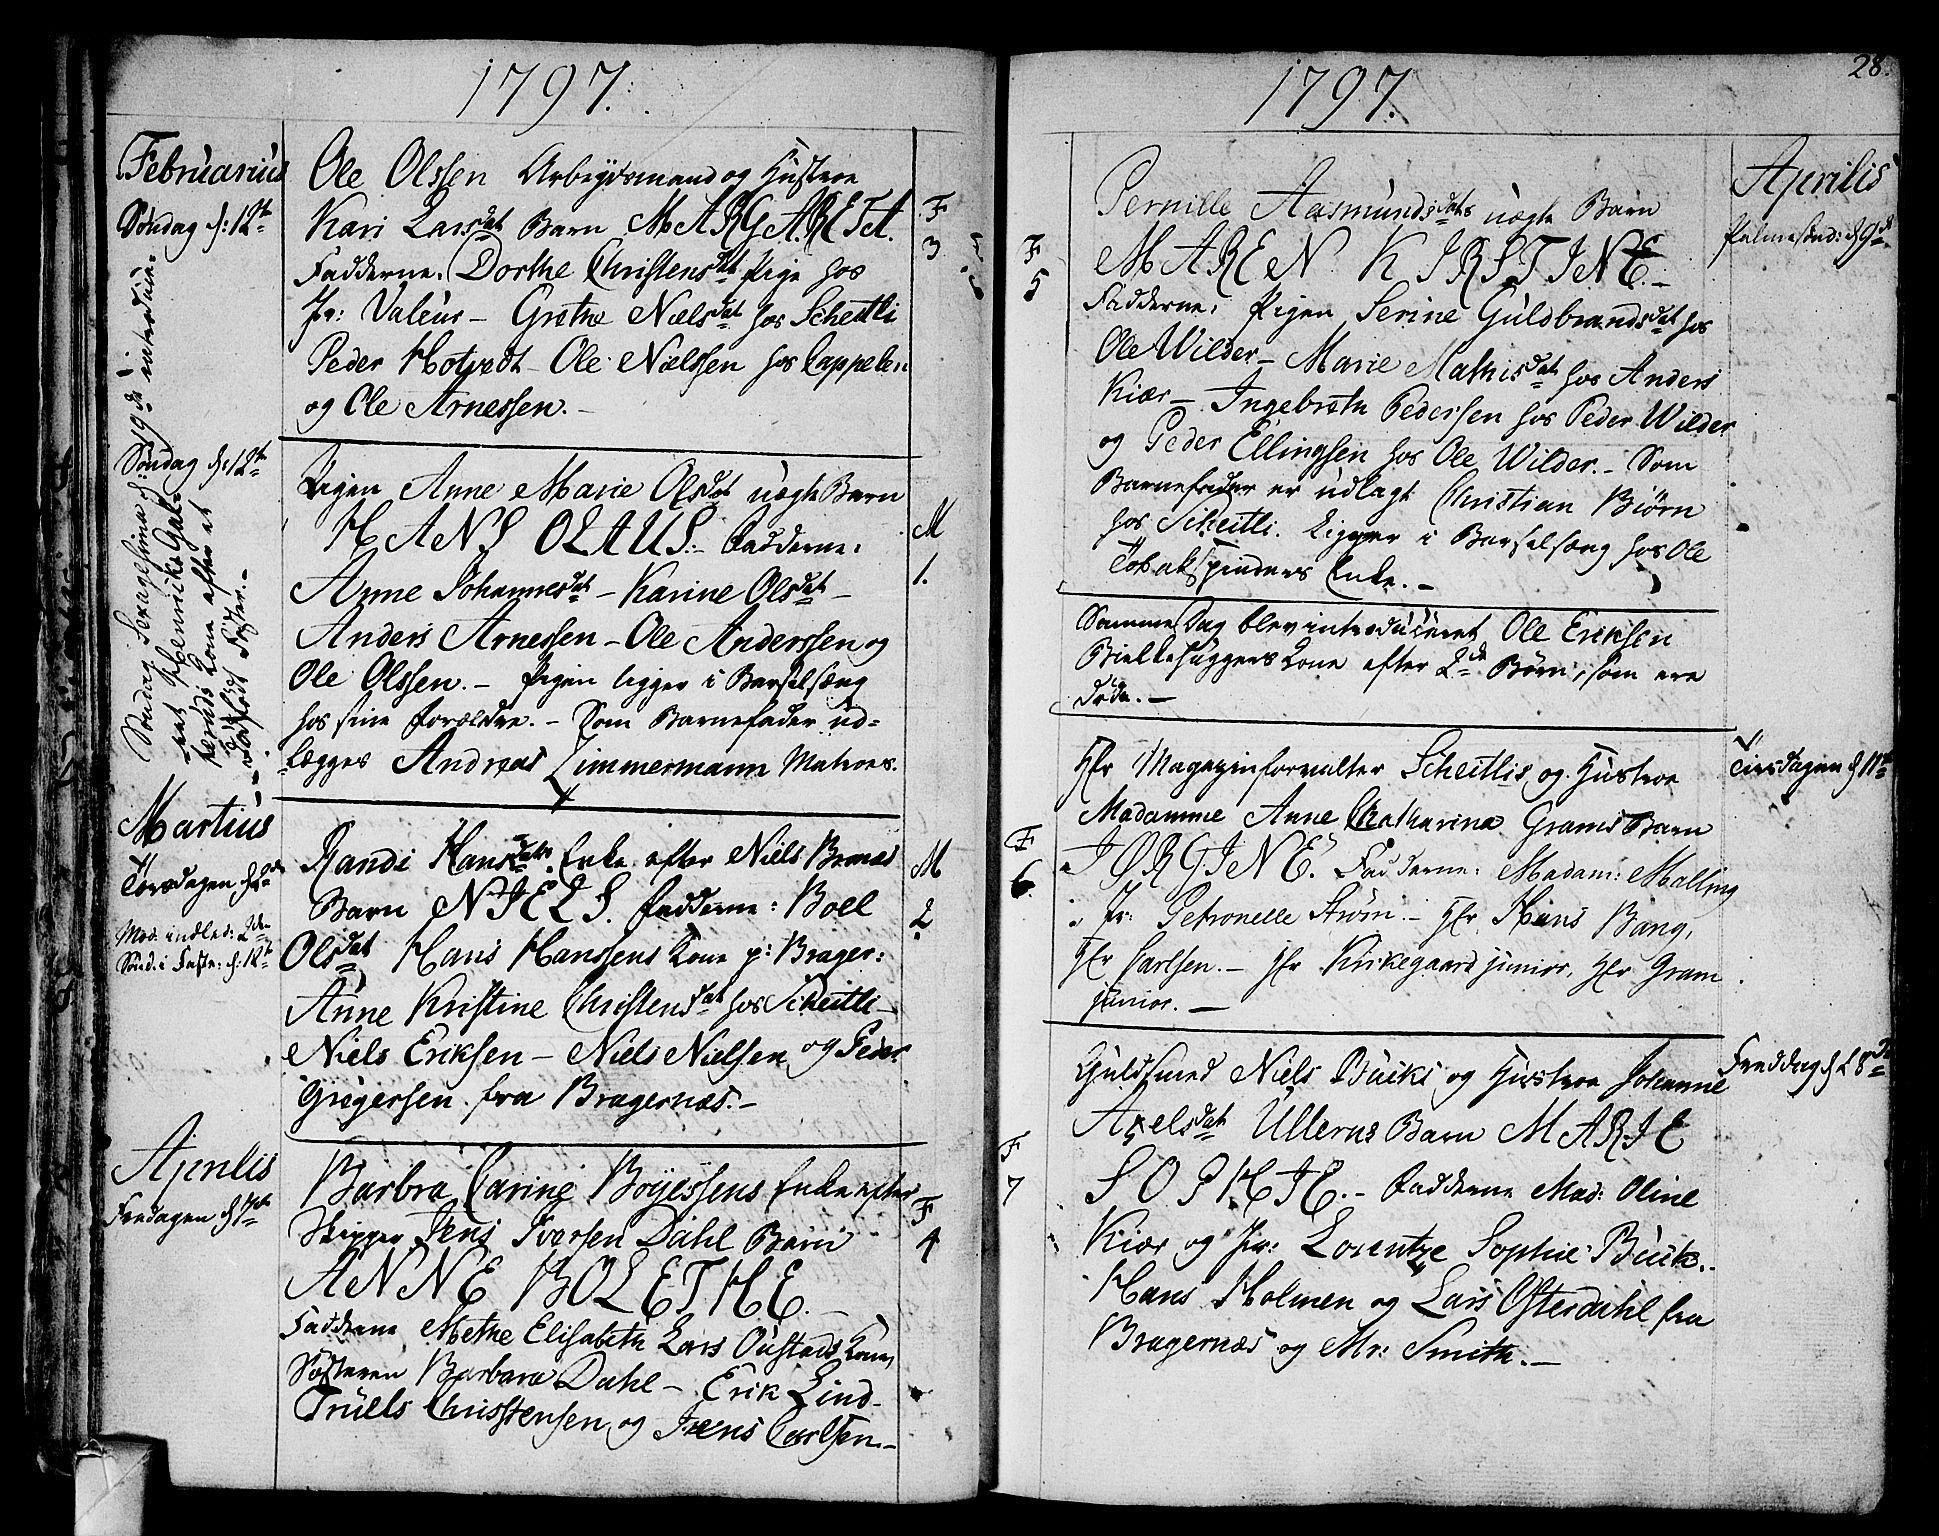 SAKO, Strømsø kirkebøker, F/Fa/L0010: Ministerialbok nr. I 10, 1792-1822, s. 28